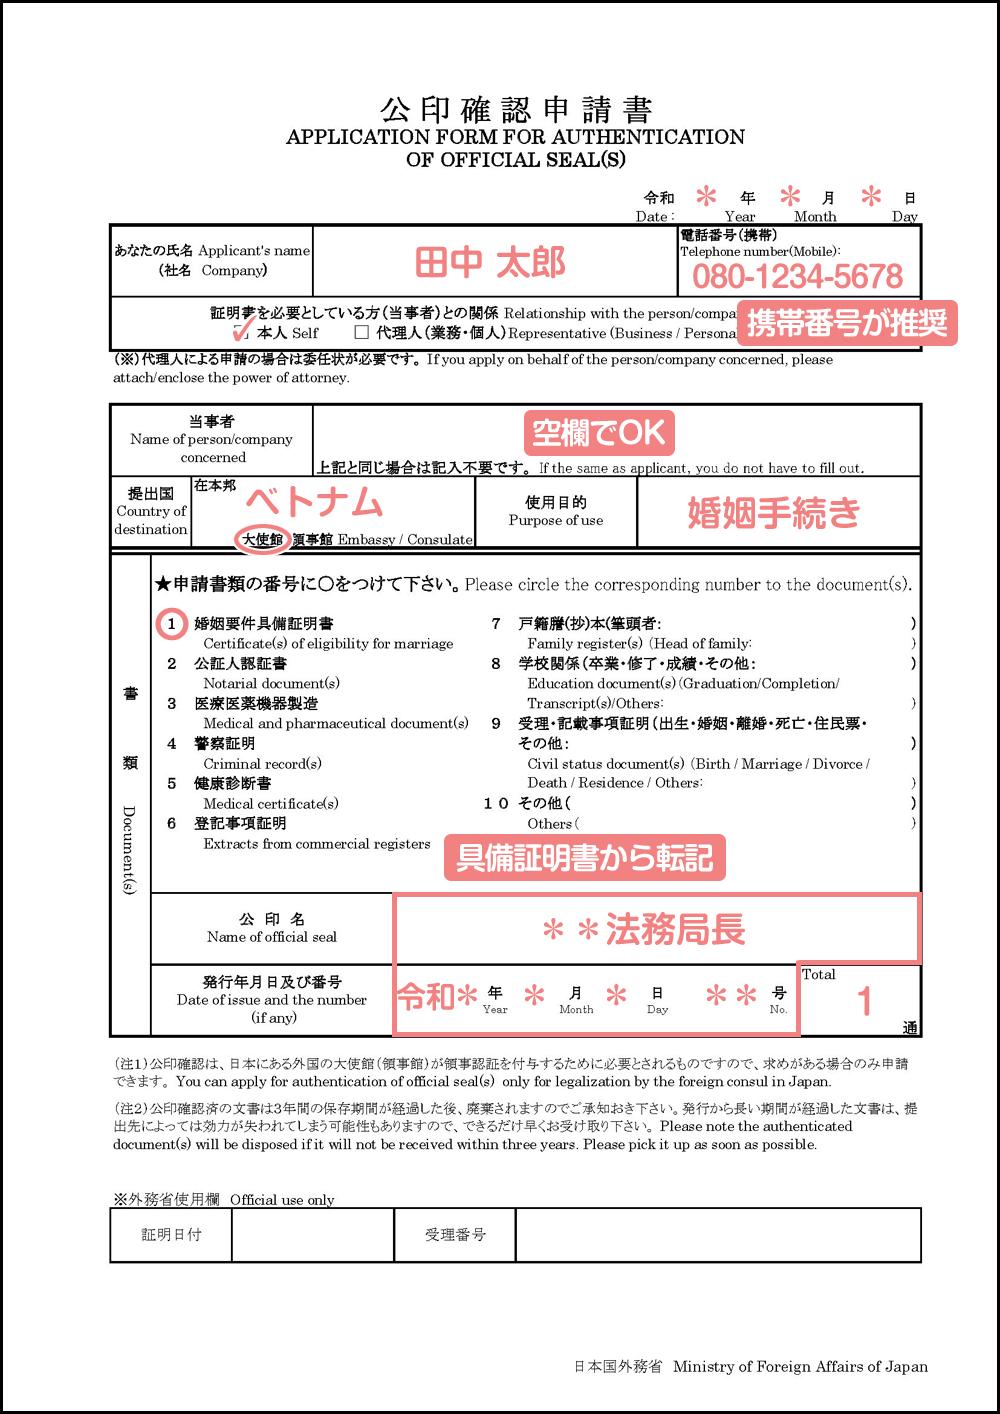 公印確認申請書